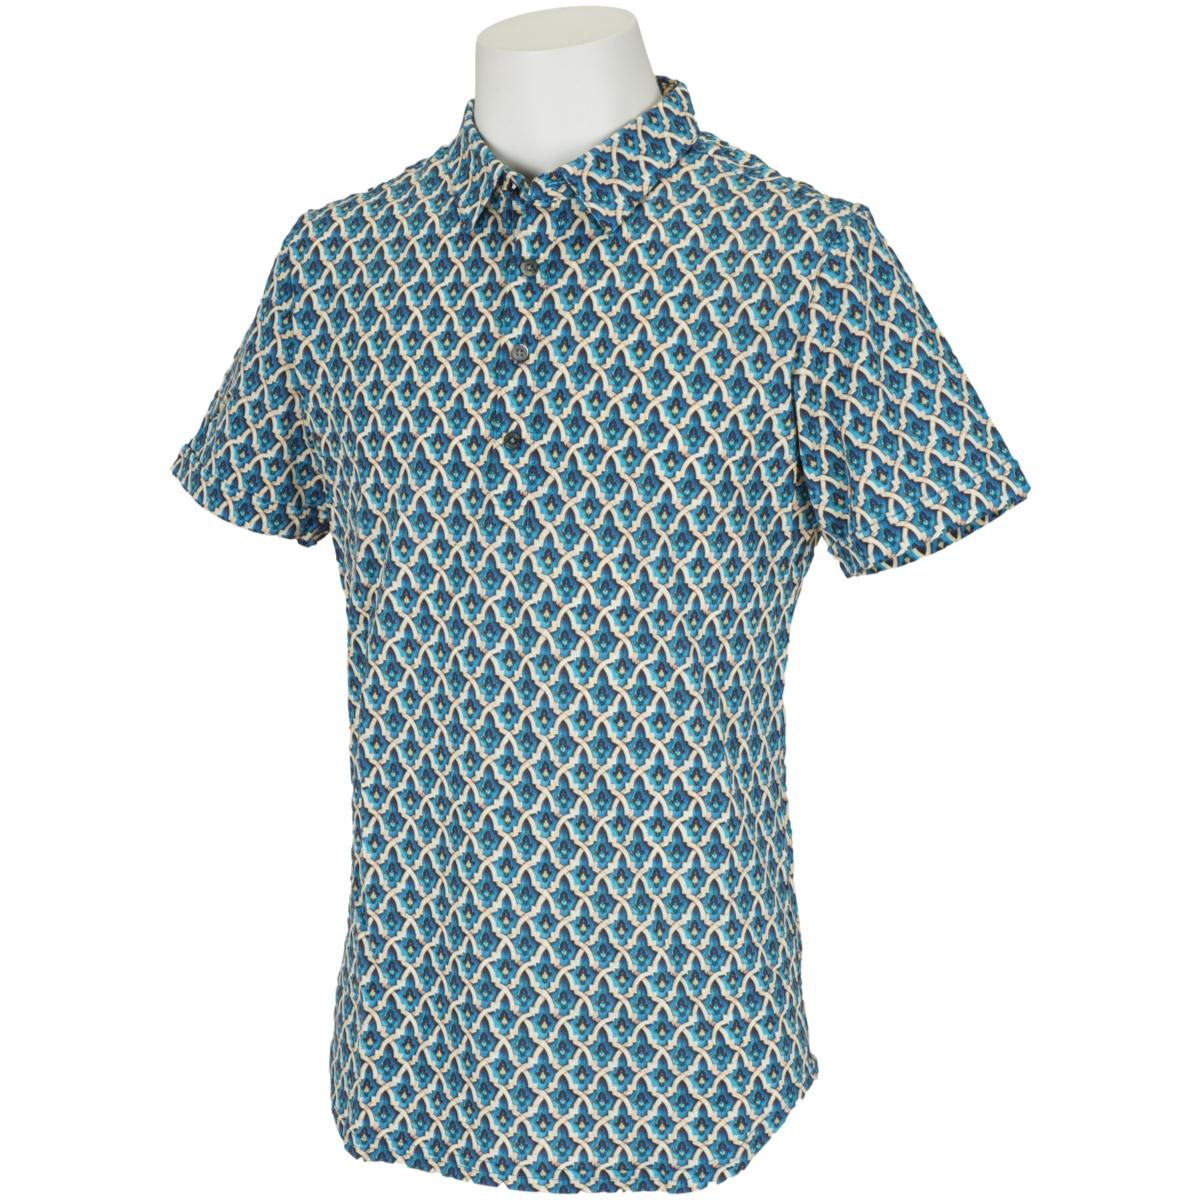 鹿の子 モスクプリント 半袖ポロシャツ